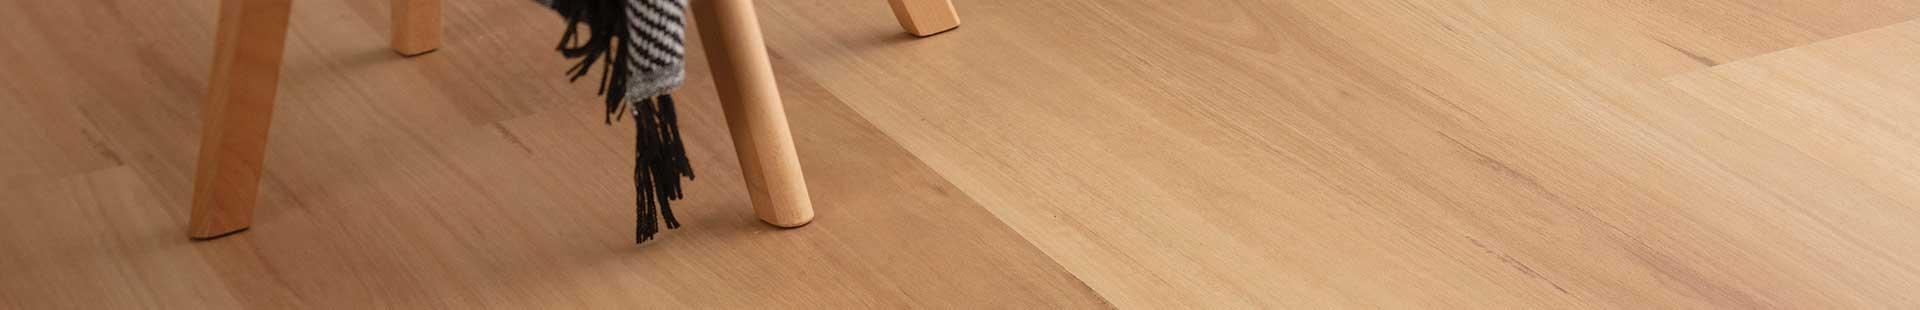 Terra Mater Floors Resiplank Hybrid (Corsica Oak)